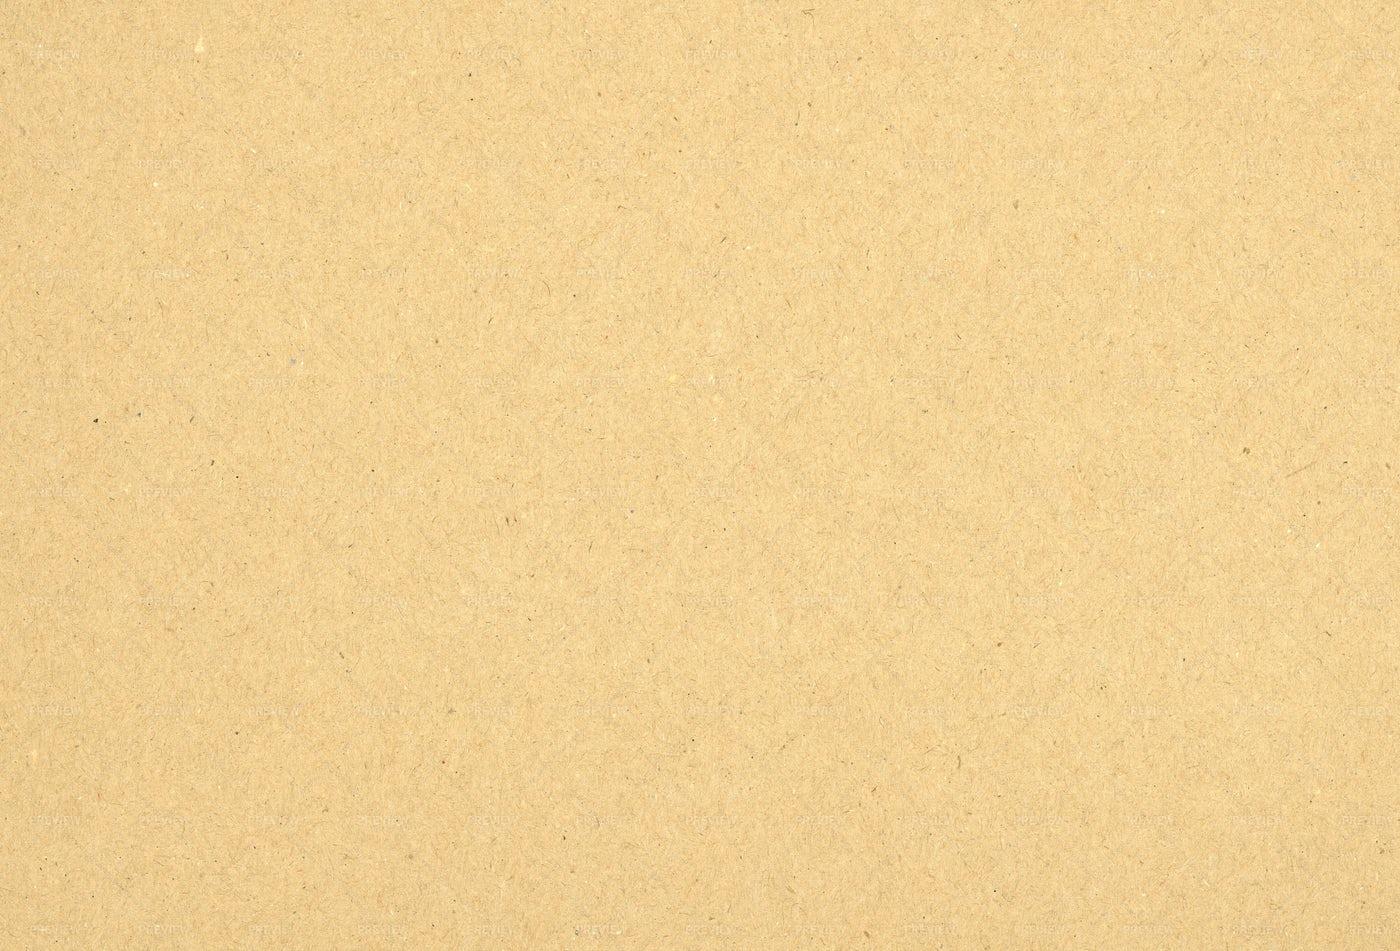 Brown Cardboard Texture: Stock Photos